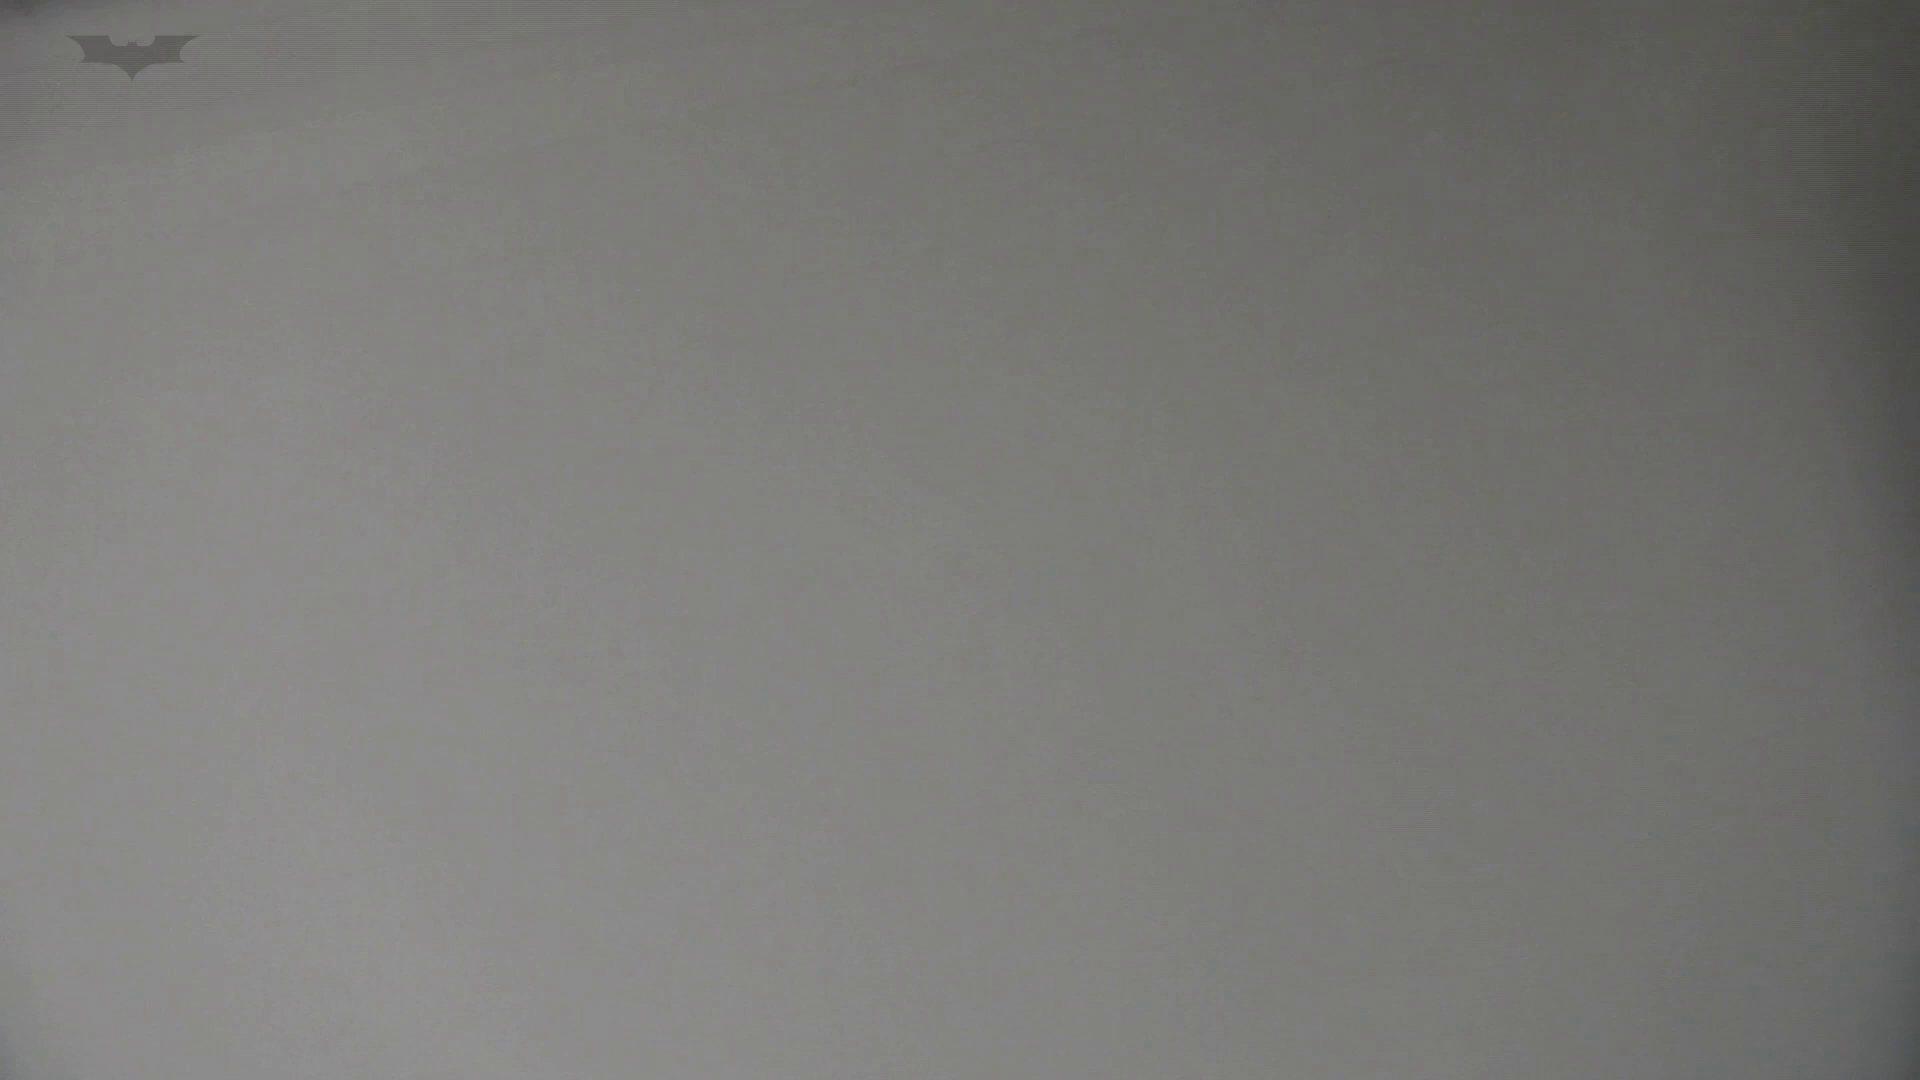 美しい日本の未来 No.19 顔全部撮れた2 おまんこ無修正 | ギャル・コレクション  82連発 72